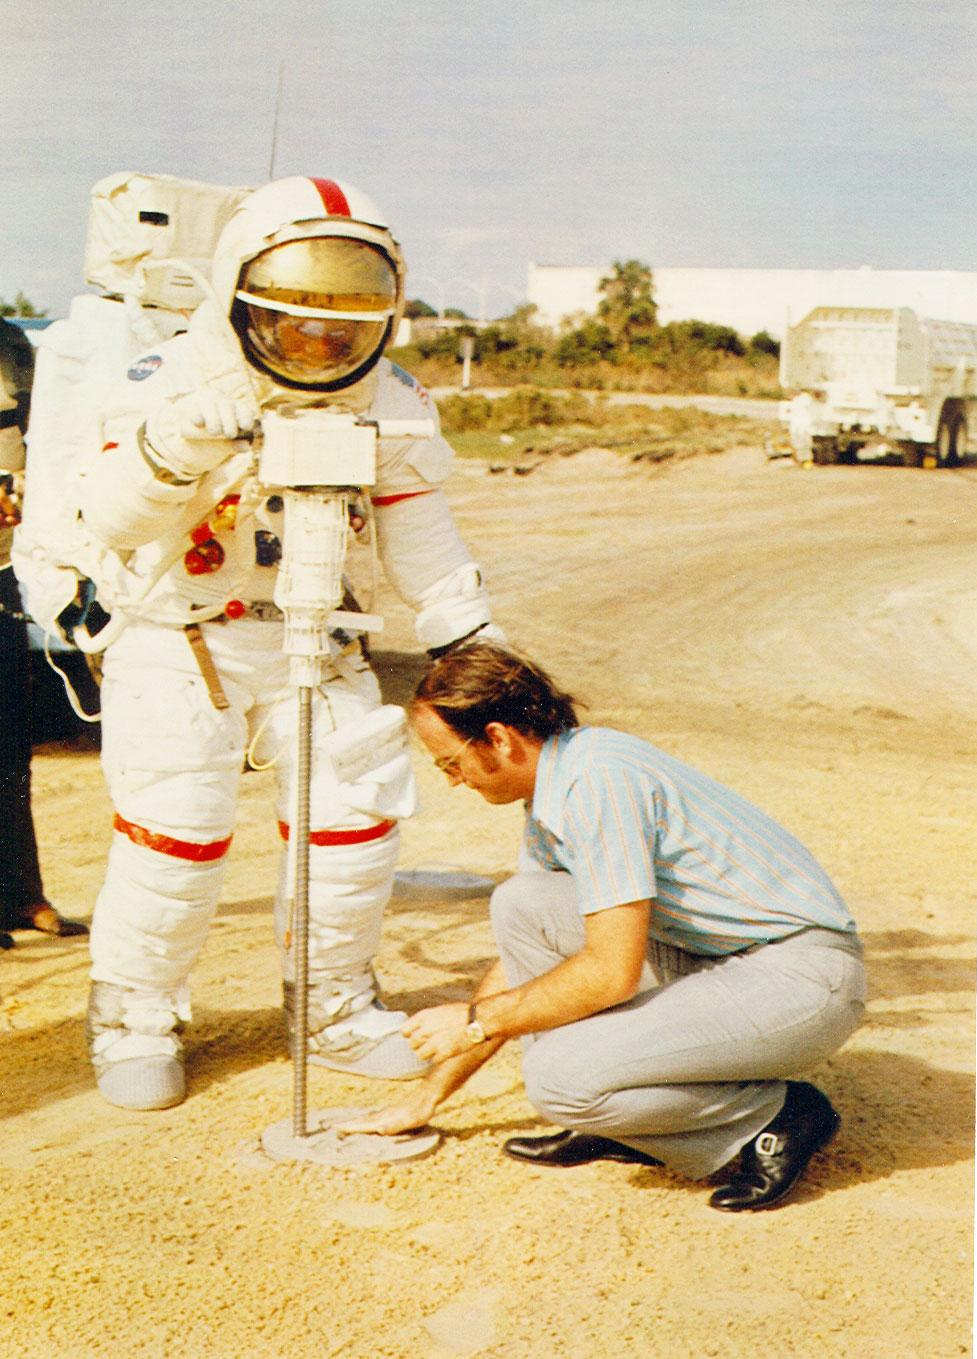 Carrier ayudando con una simulación de perforación en Cabo Cañaveral con el astronauta del Apolo 13 Fred Haise.